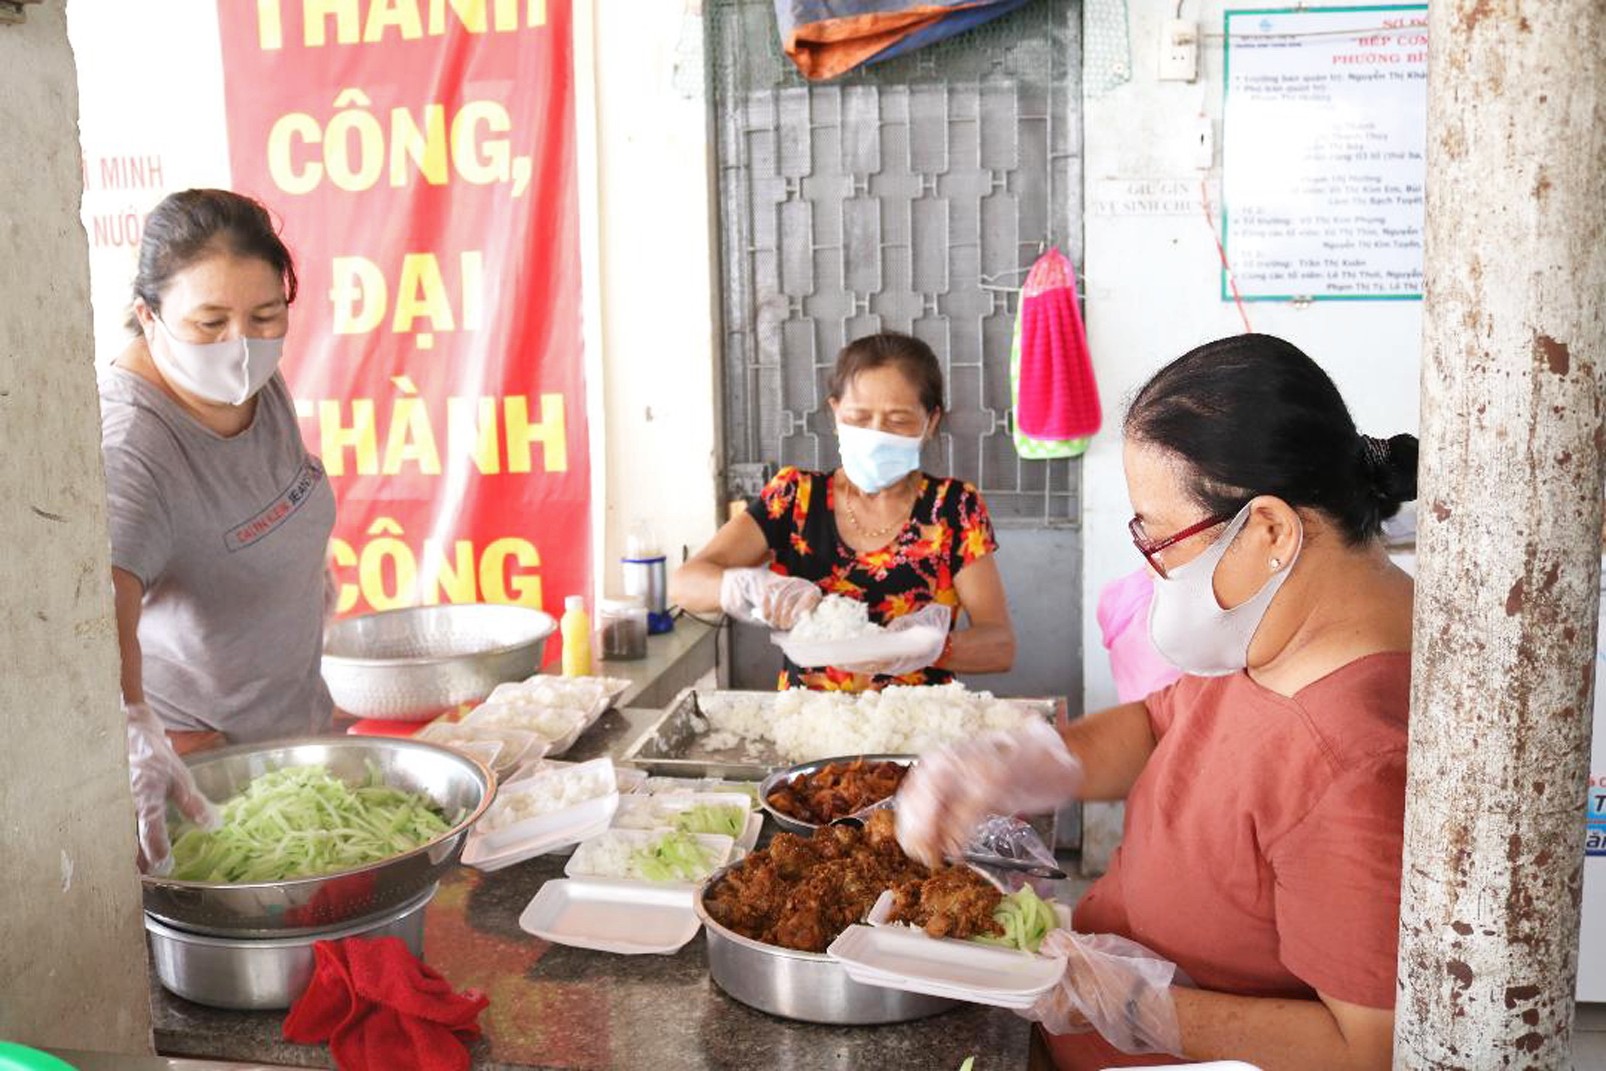 Chị em phụ nữ Q.2 mỗi ngày nấu 170 suất cơm phục vụ 5 chốt trực ở các khu vực bị phong tỏa